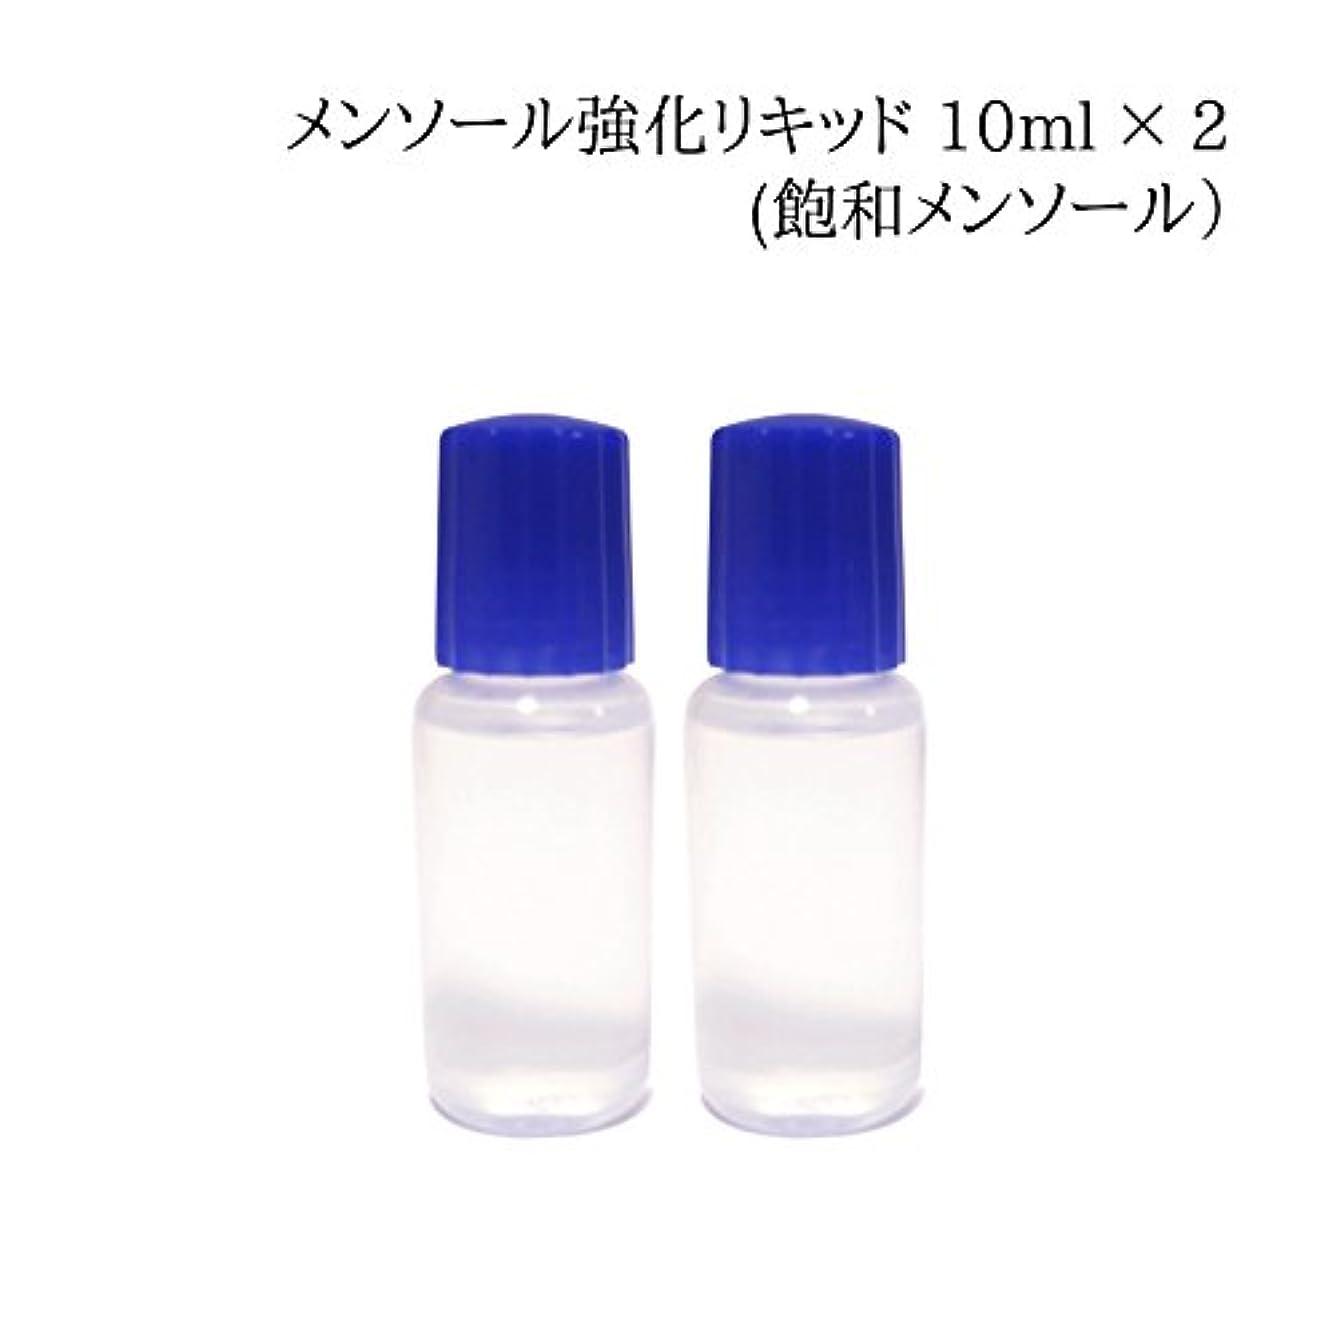 かごお別れぼかすメンソール強化リキッド 飽和メンソール 20ml